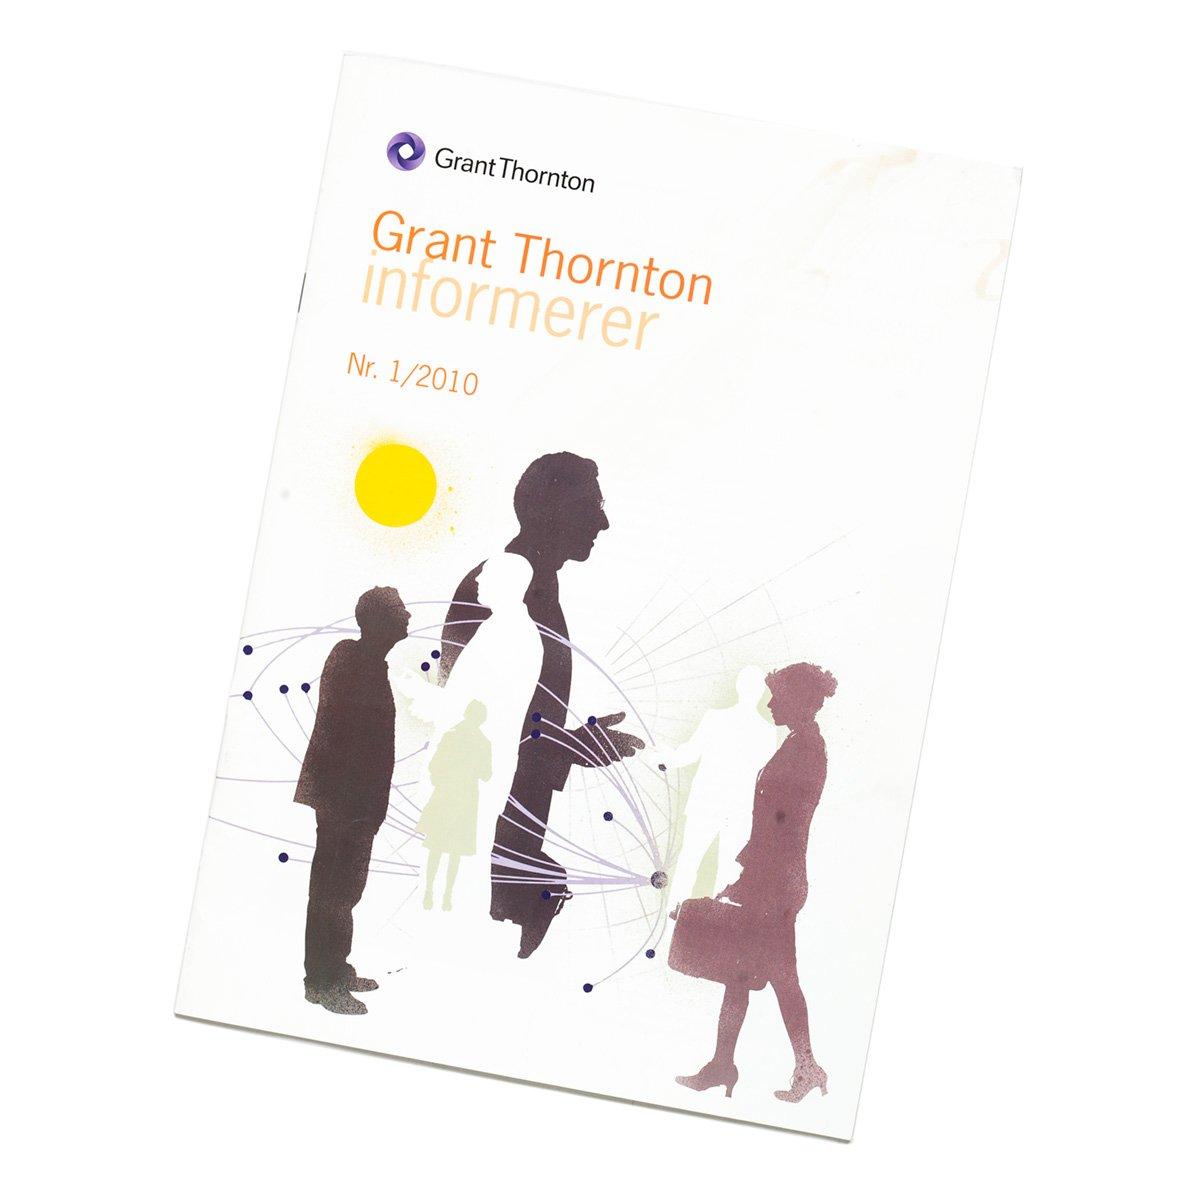 Forsde av Grant Thornton informerer